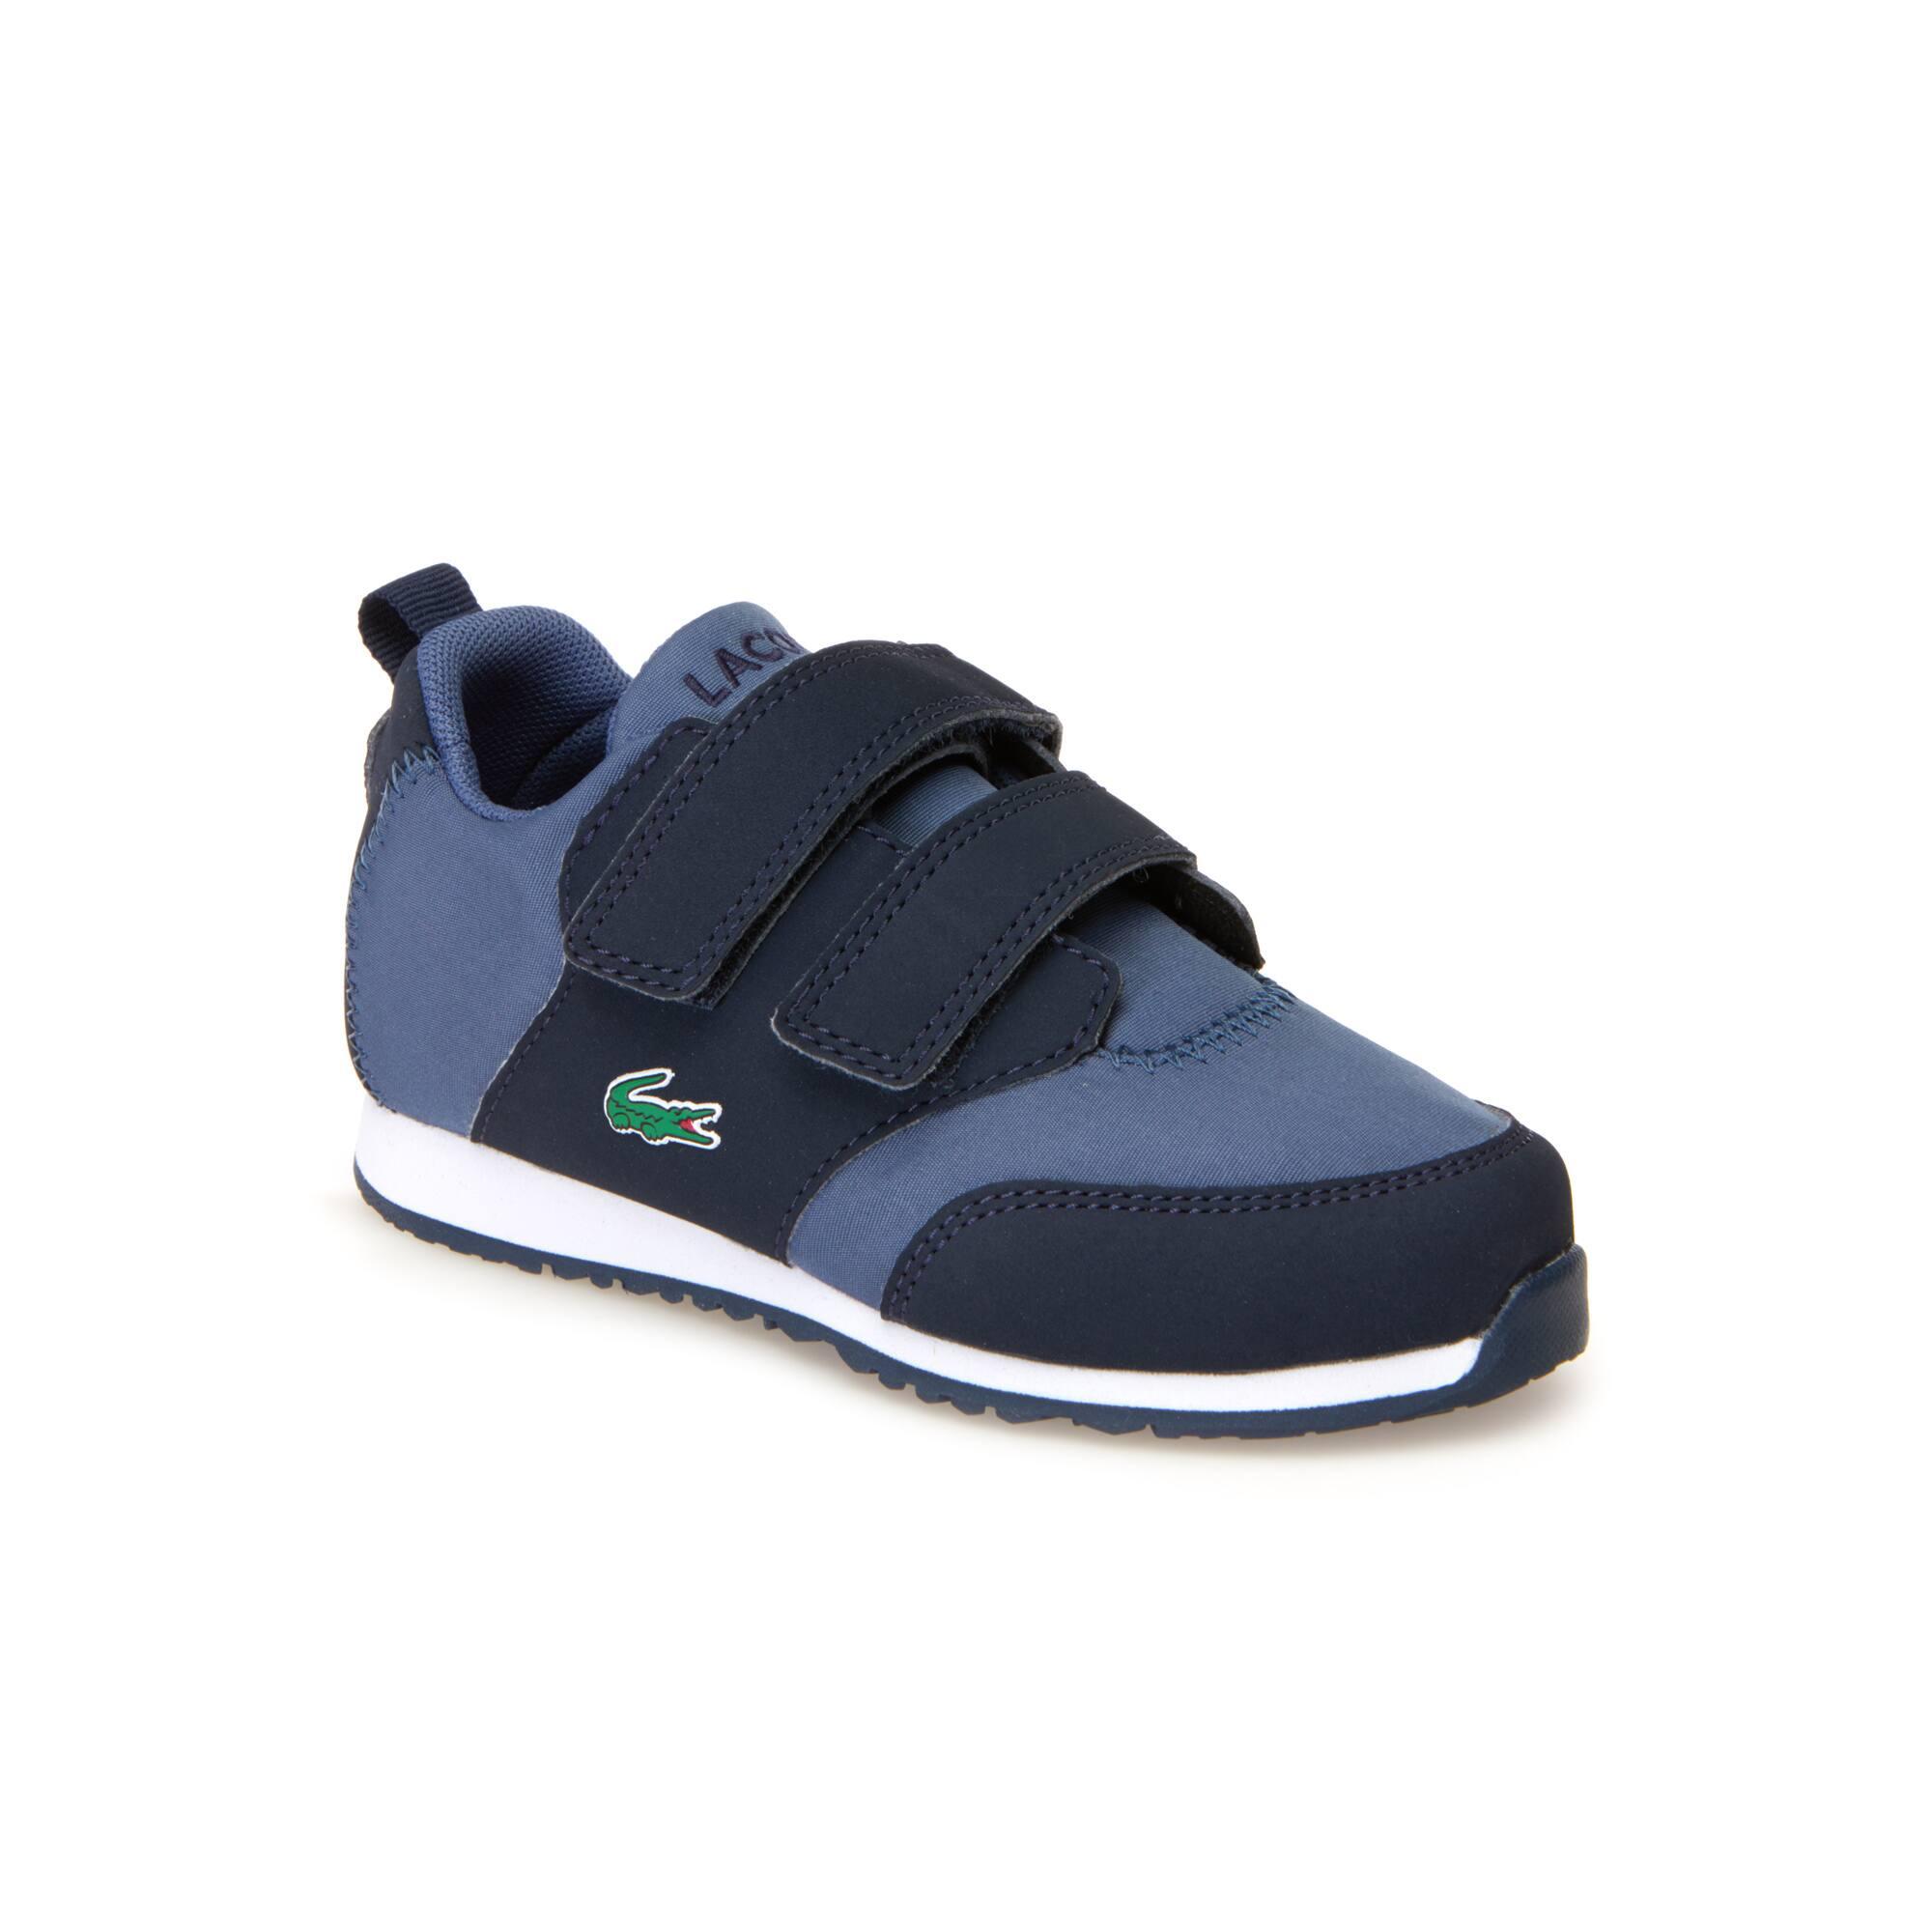 Lacoste Jeunes Jeunes Chaussures Enfants Enfants Enfant q07wXTZnx